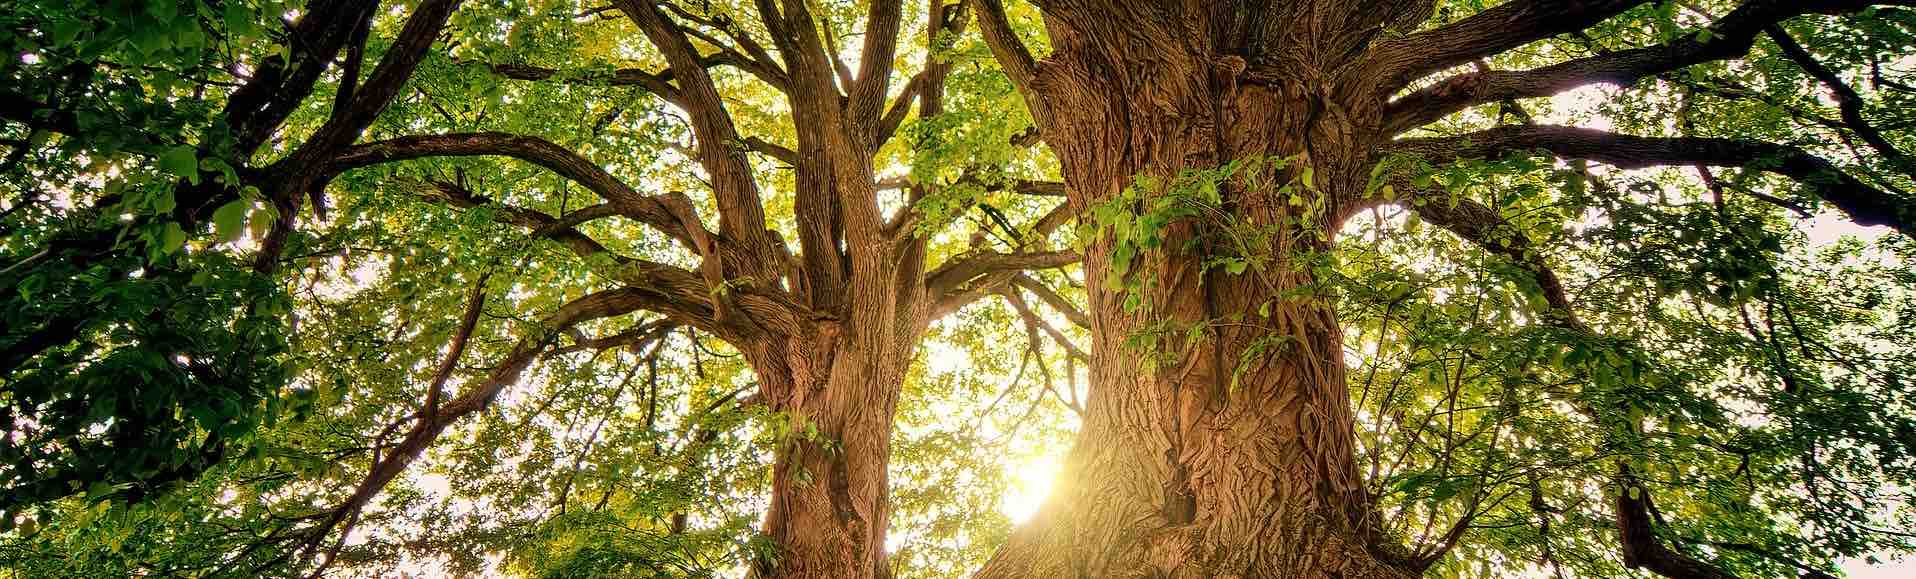 arbres avec du soleil